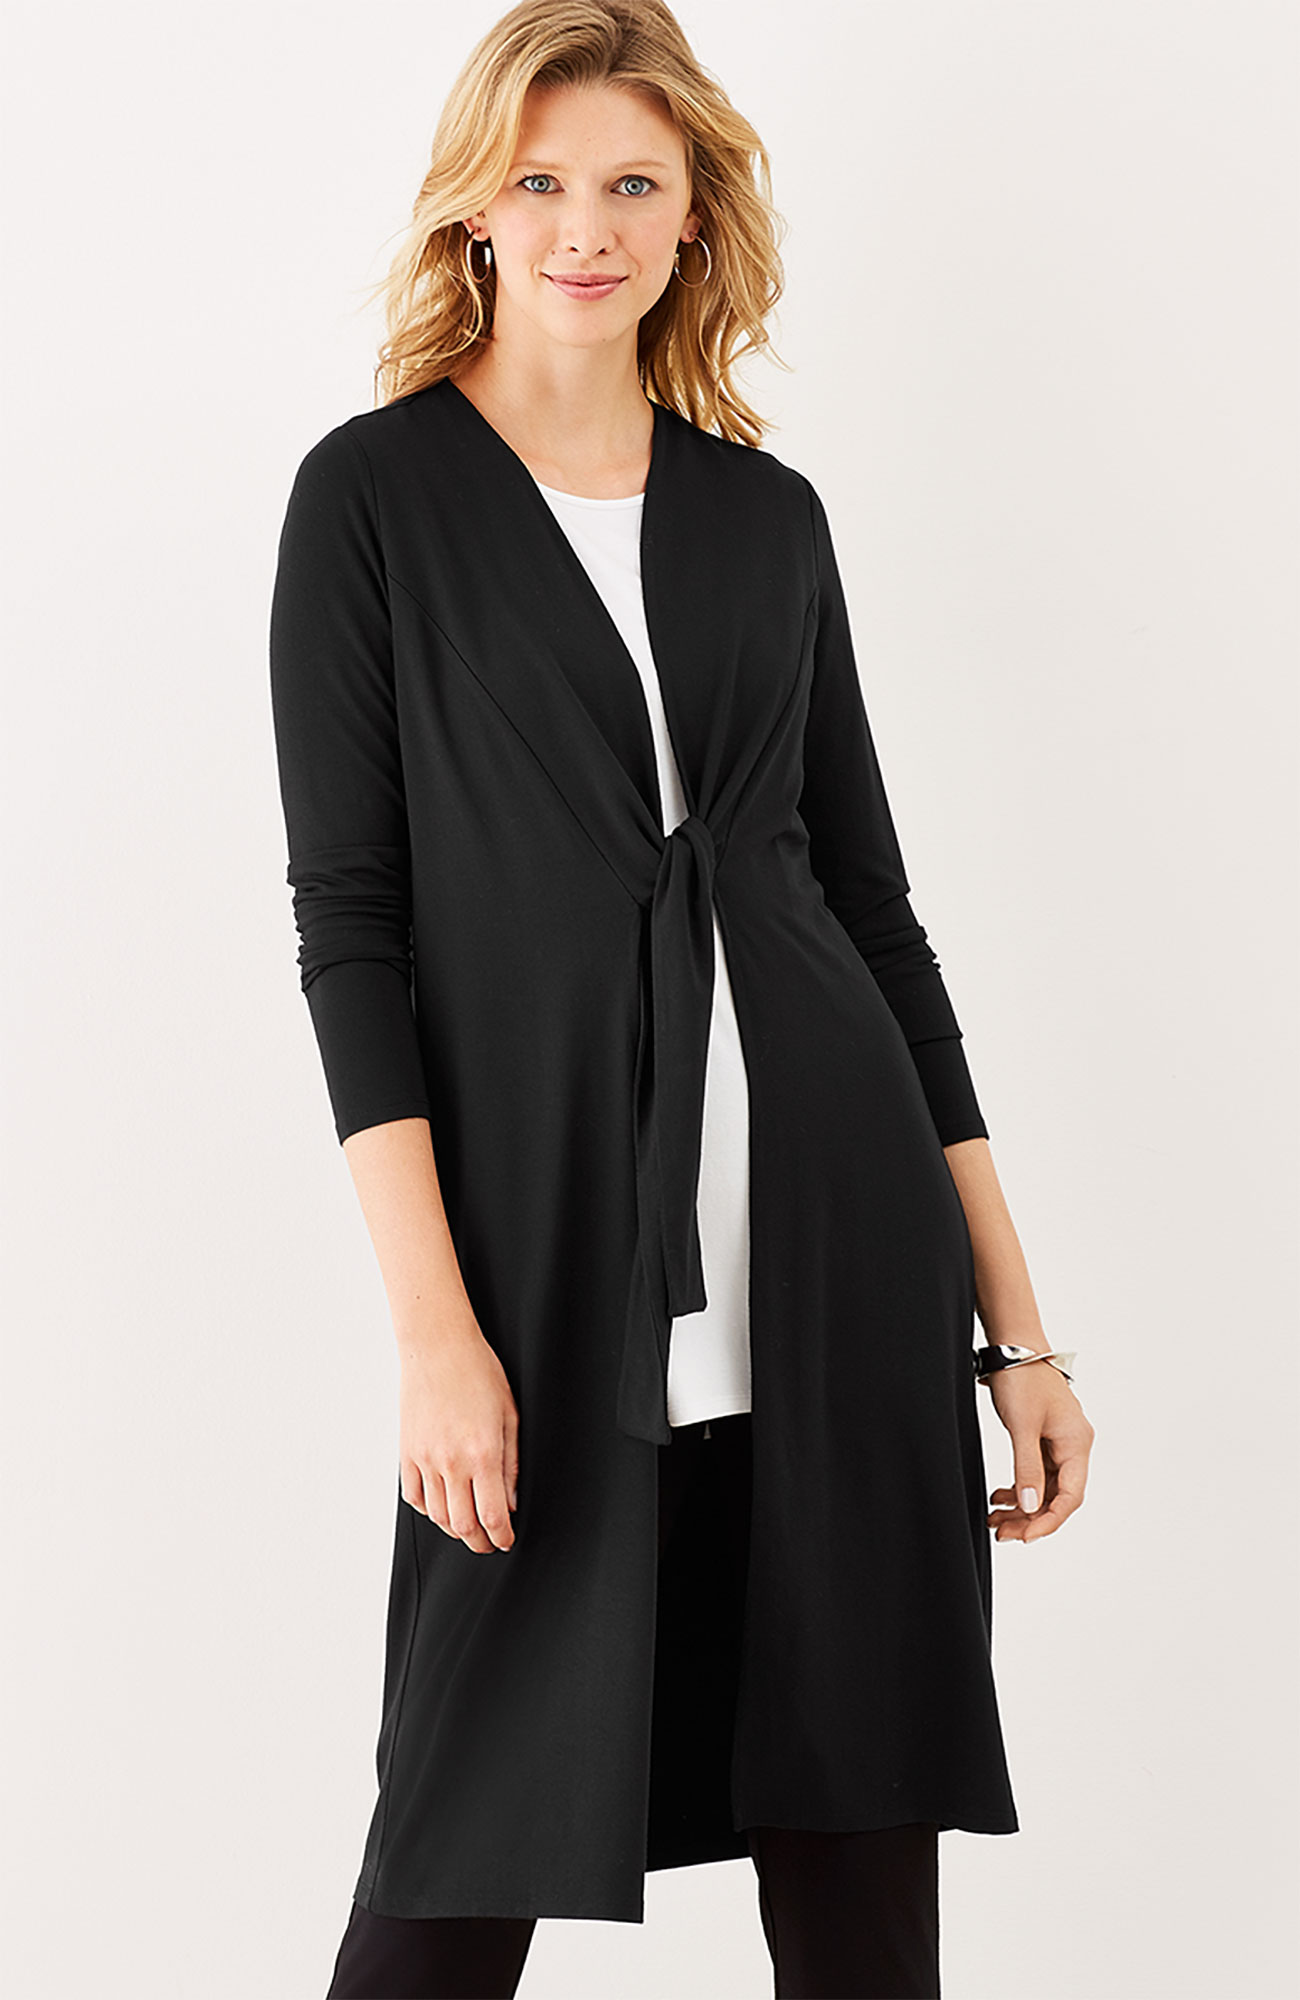 Wearever tie-front jacket